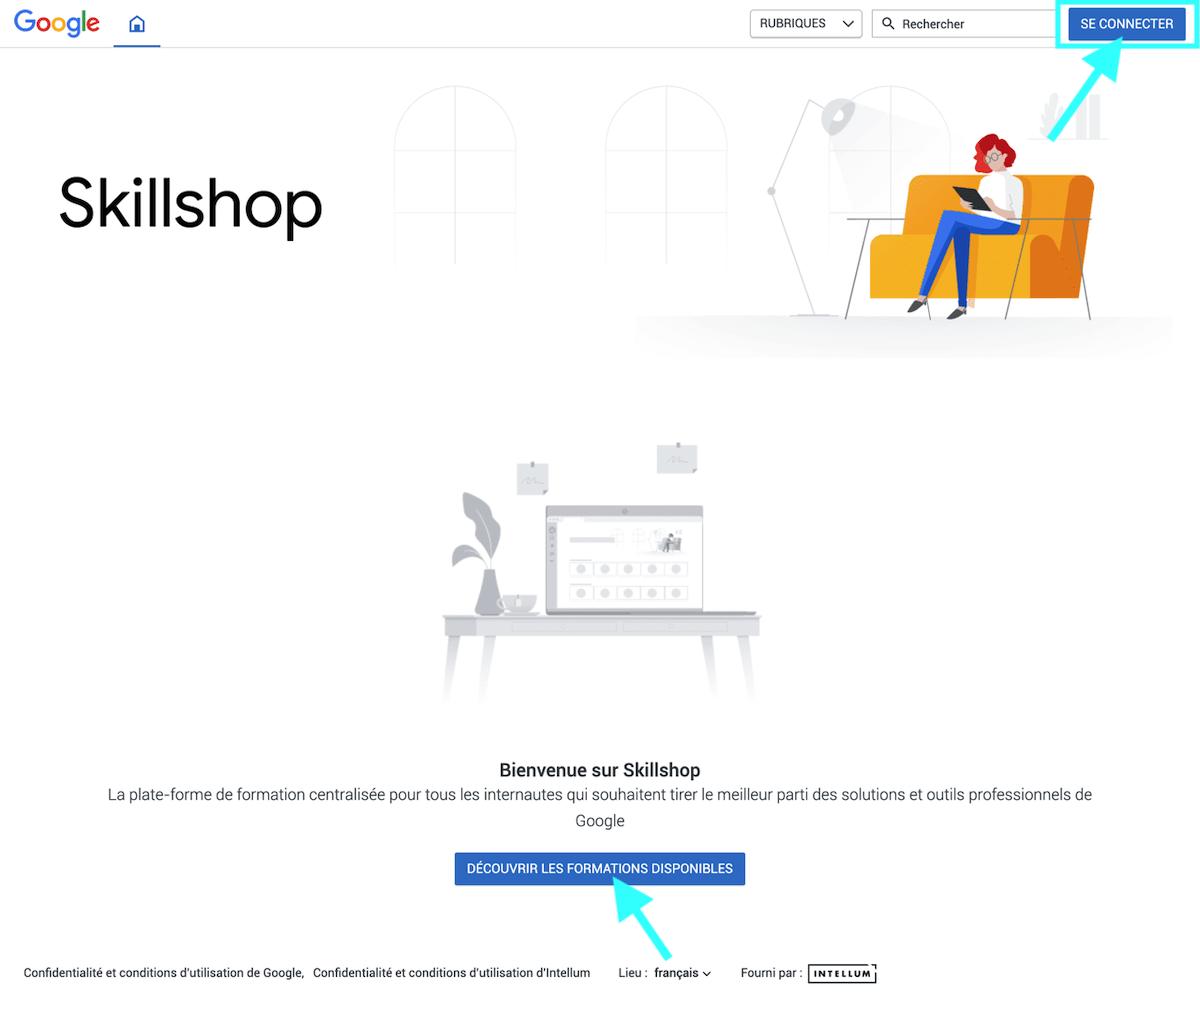 Google Skillshop toutes formations et certifications gratuites